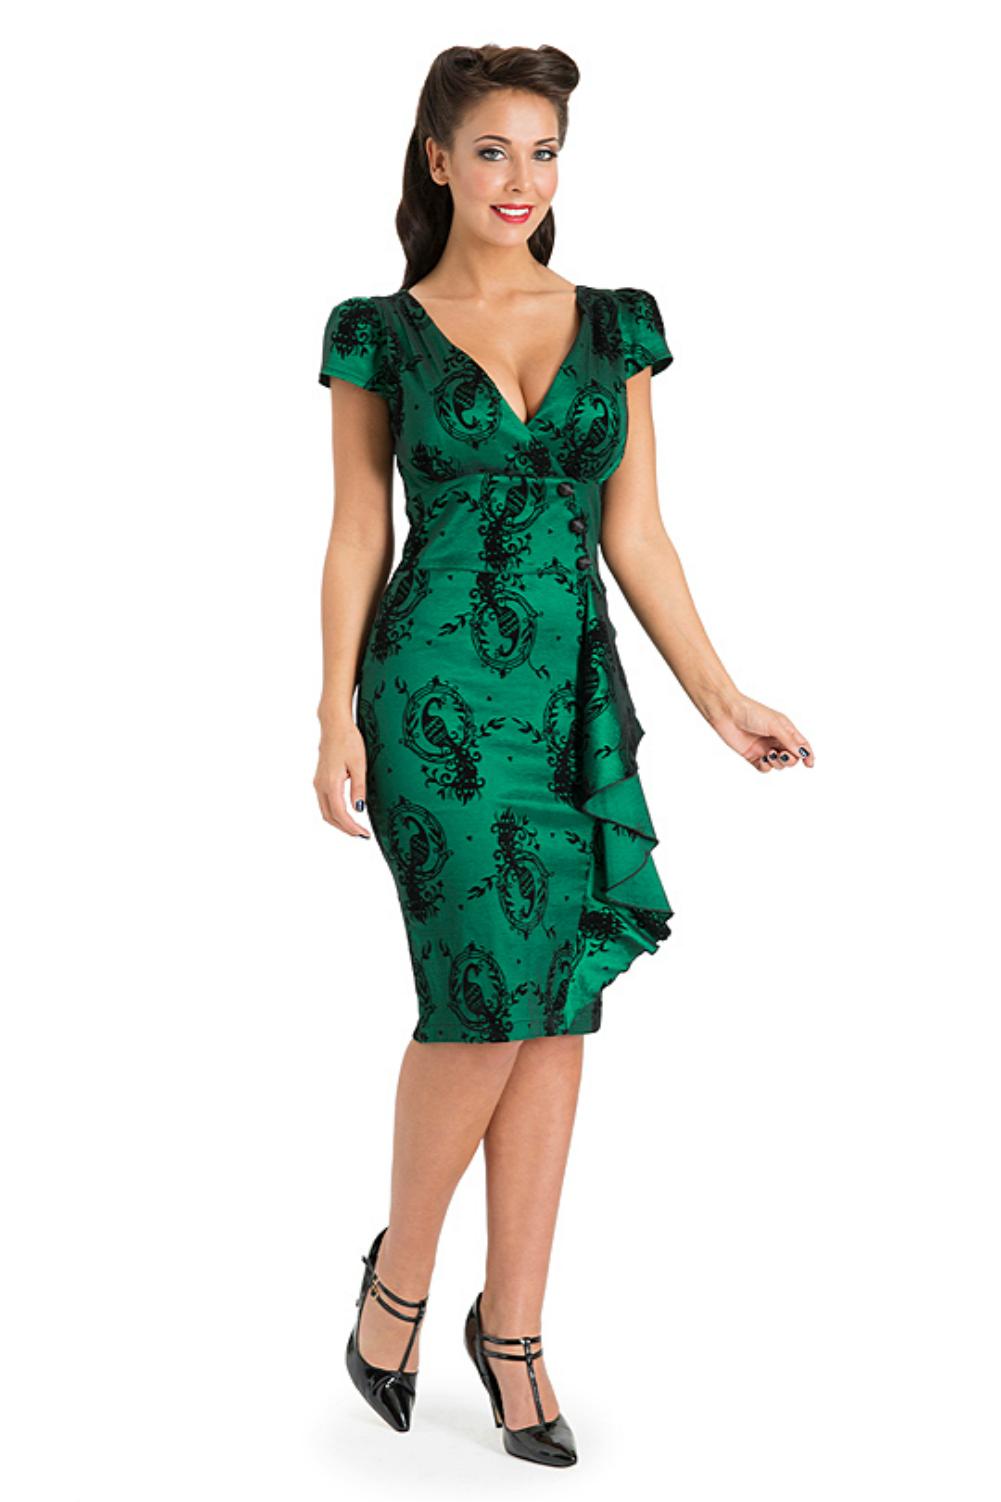 Voodoo Vixen Candy Ann Dress